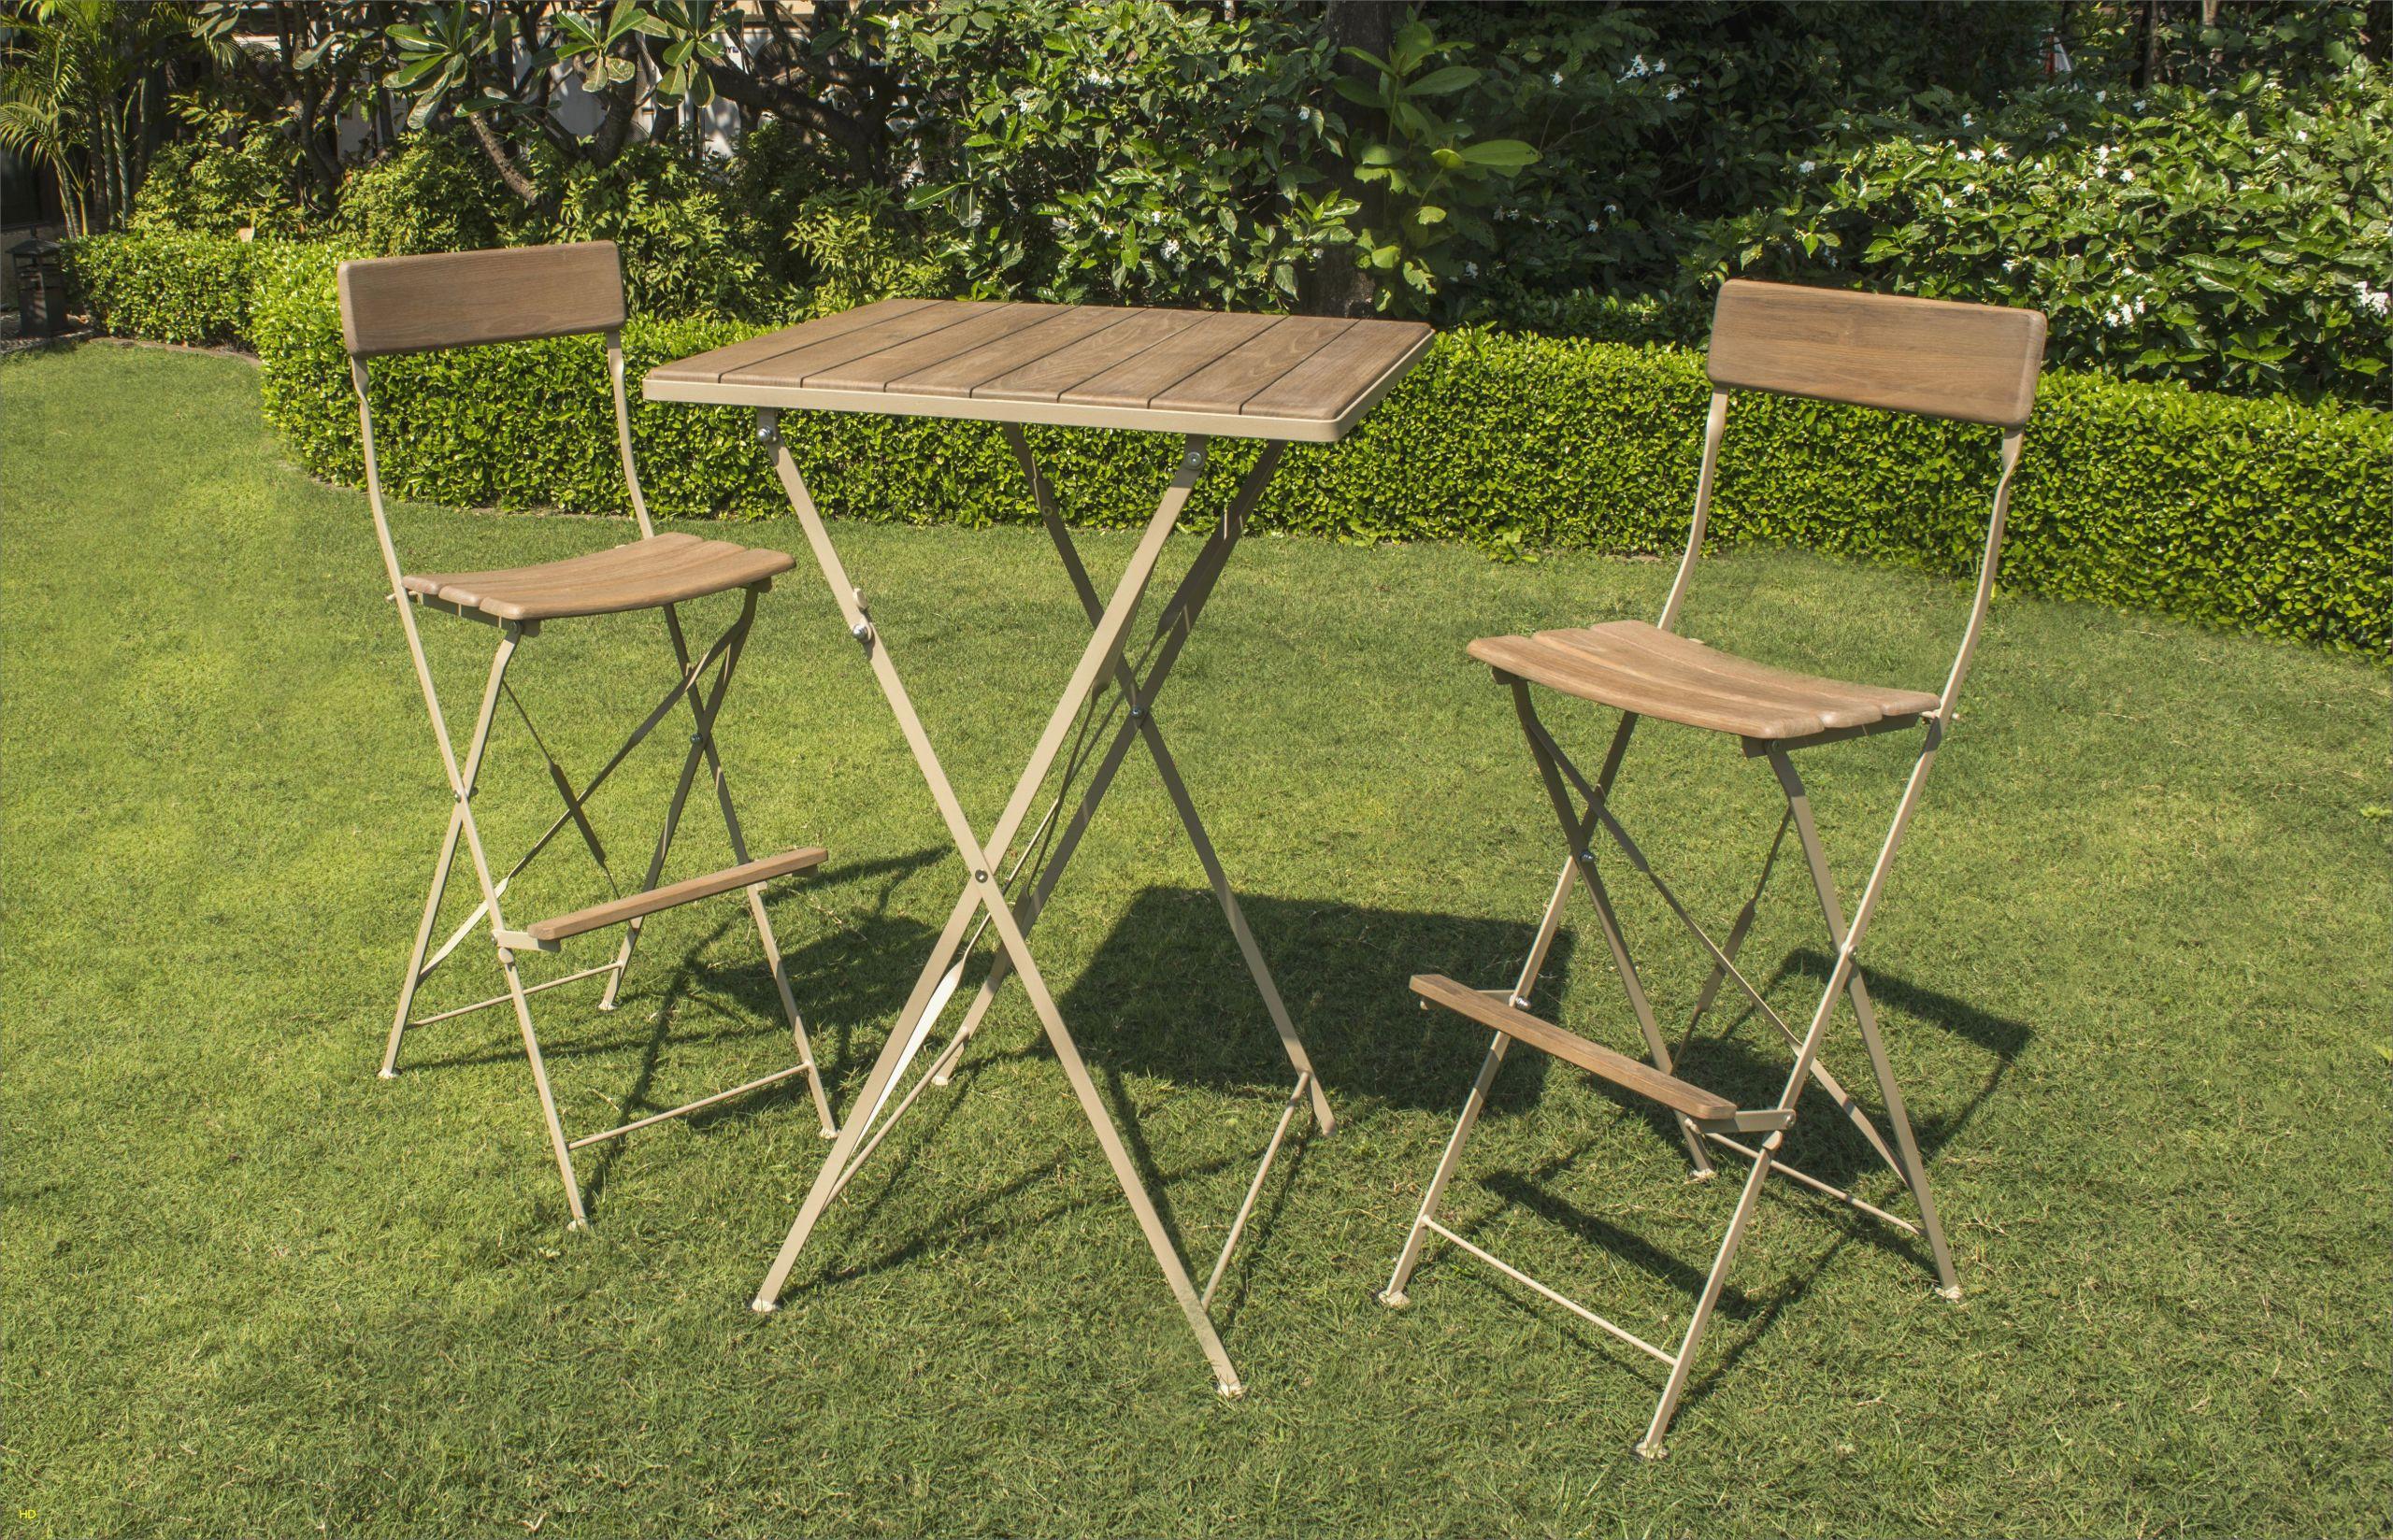 chaise de jardin en metal elegant 28 inspirant chaise vidaxl idees of chaise de jardin en metal